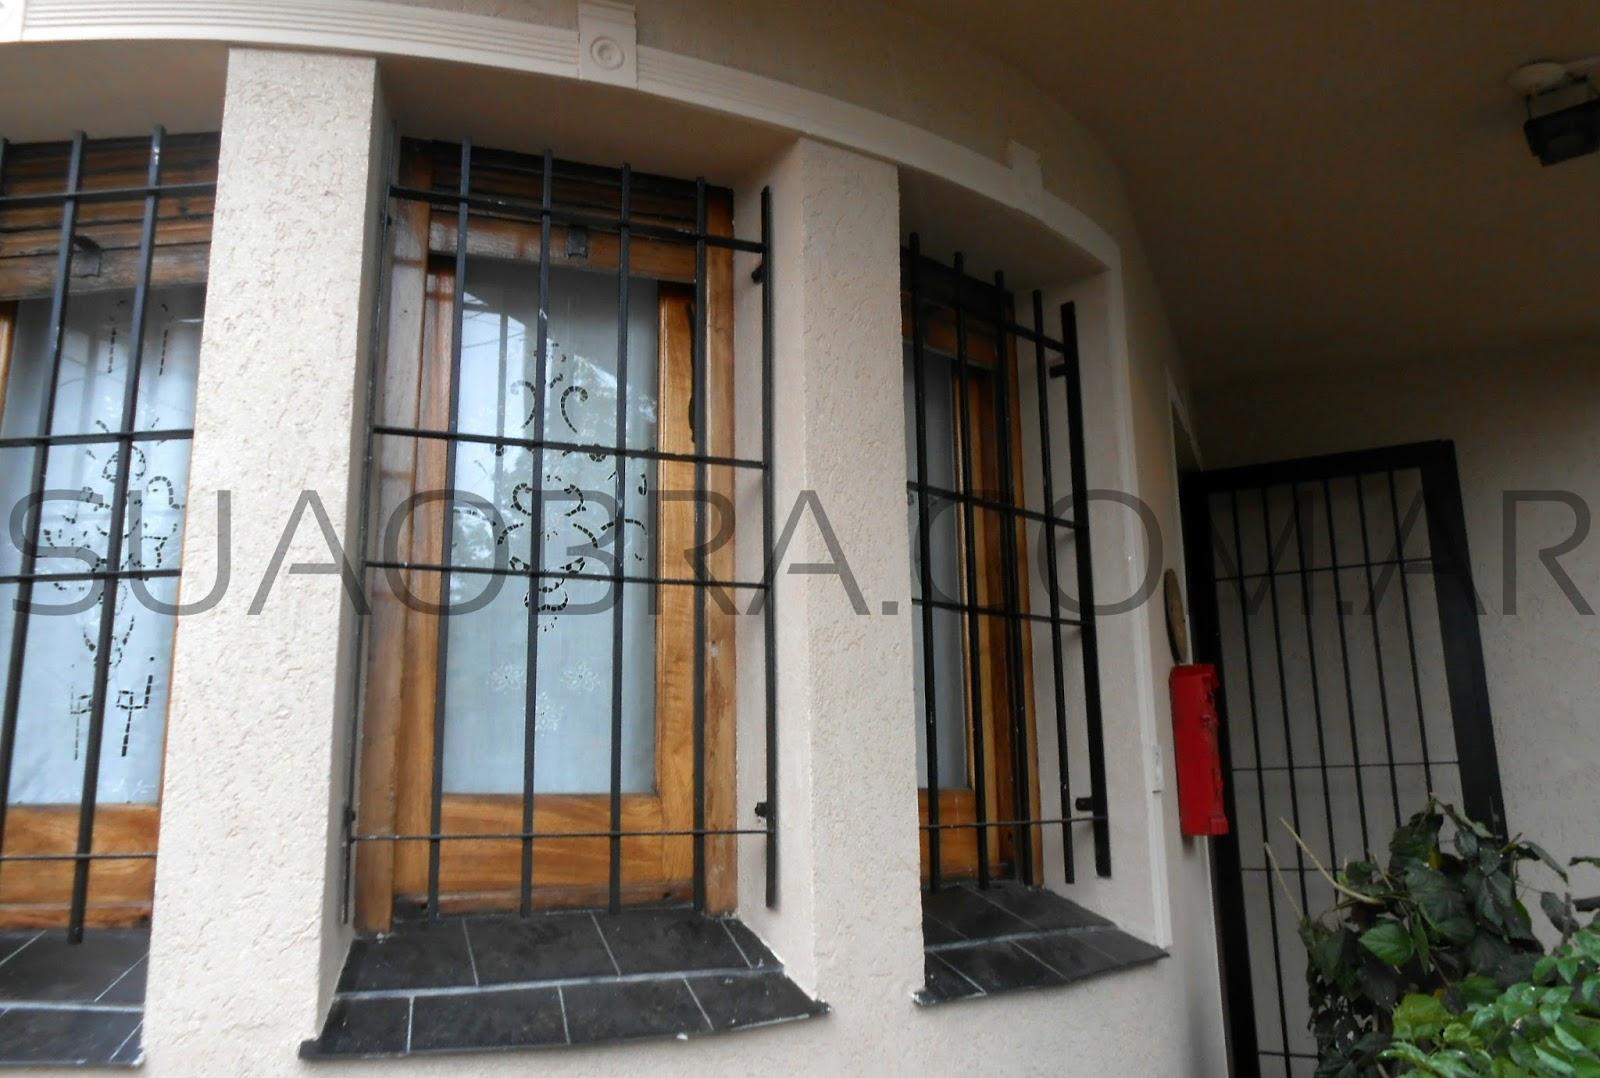 Refacci n de fachada exterior aplicaci n de - Pintura exterior fachada ...